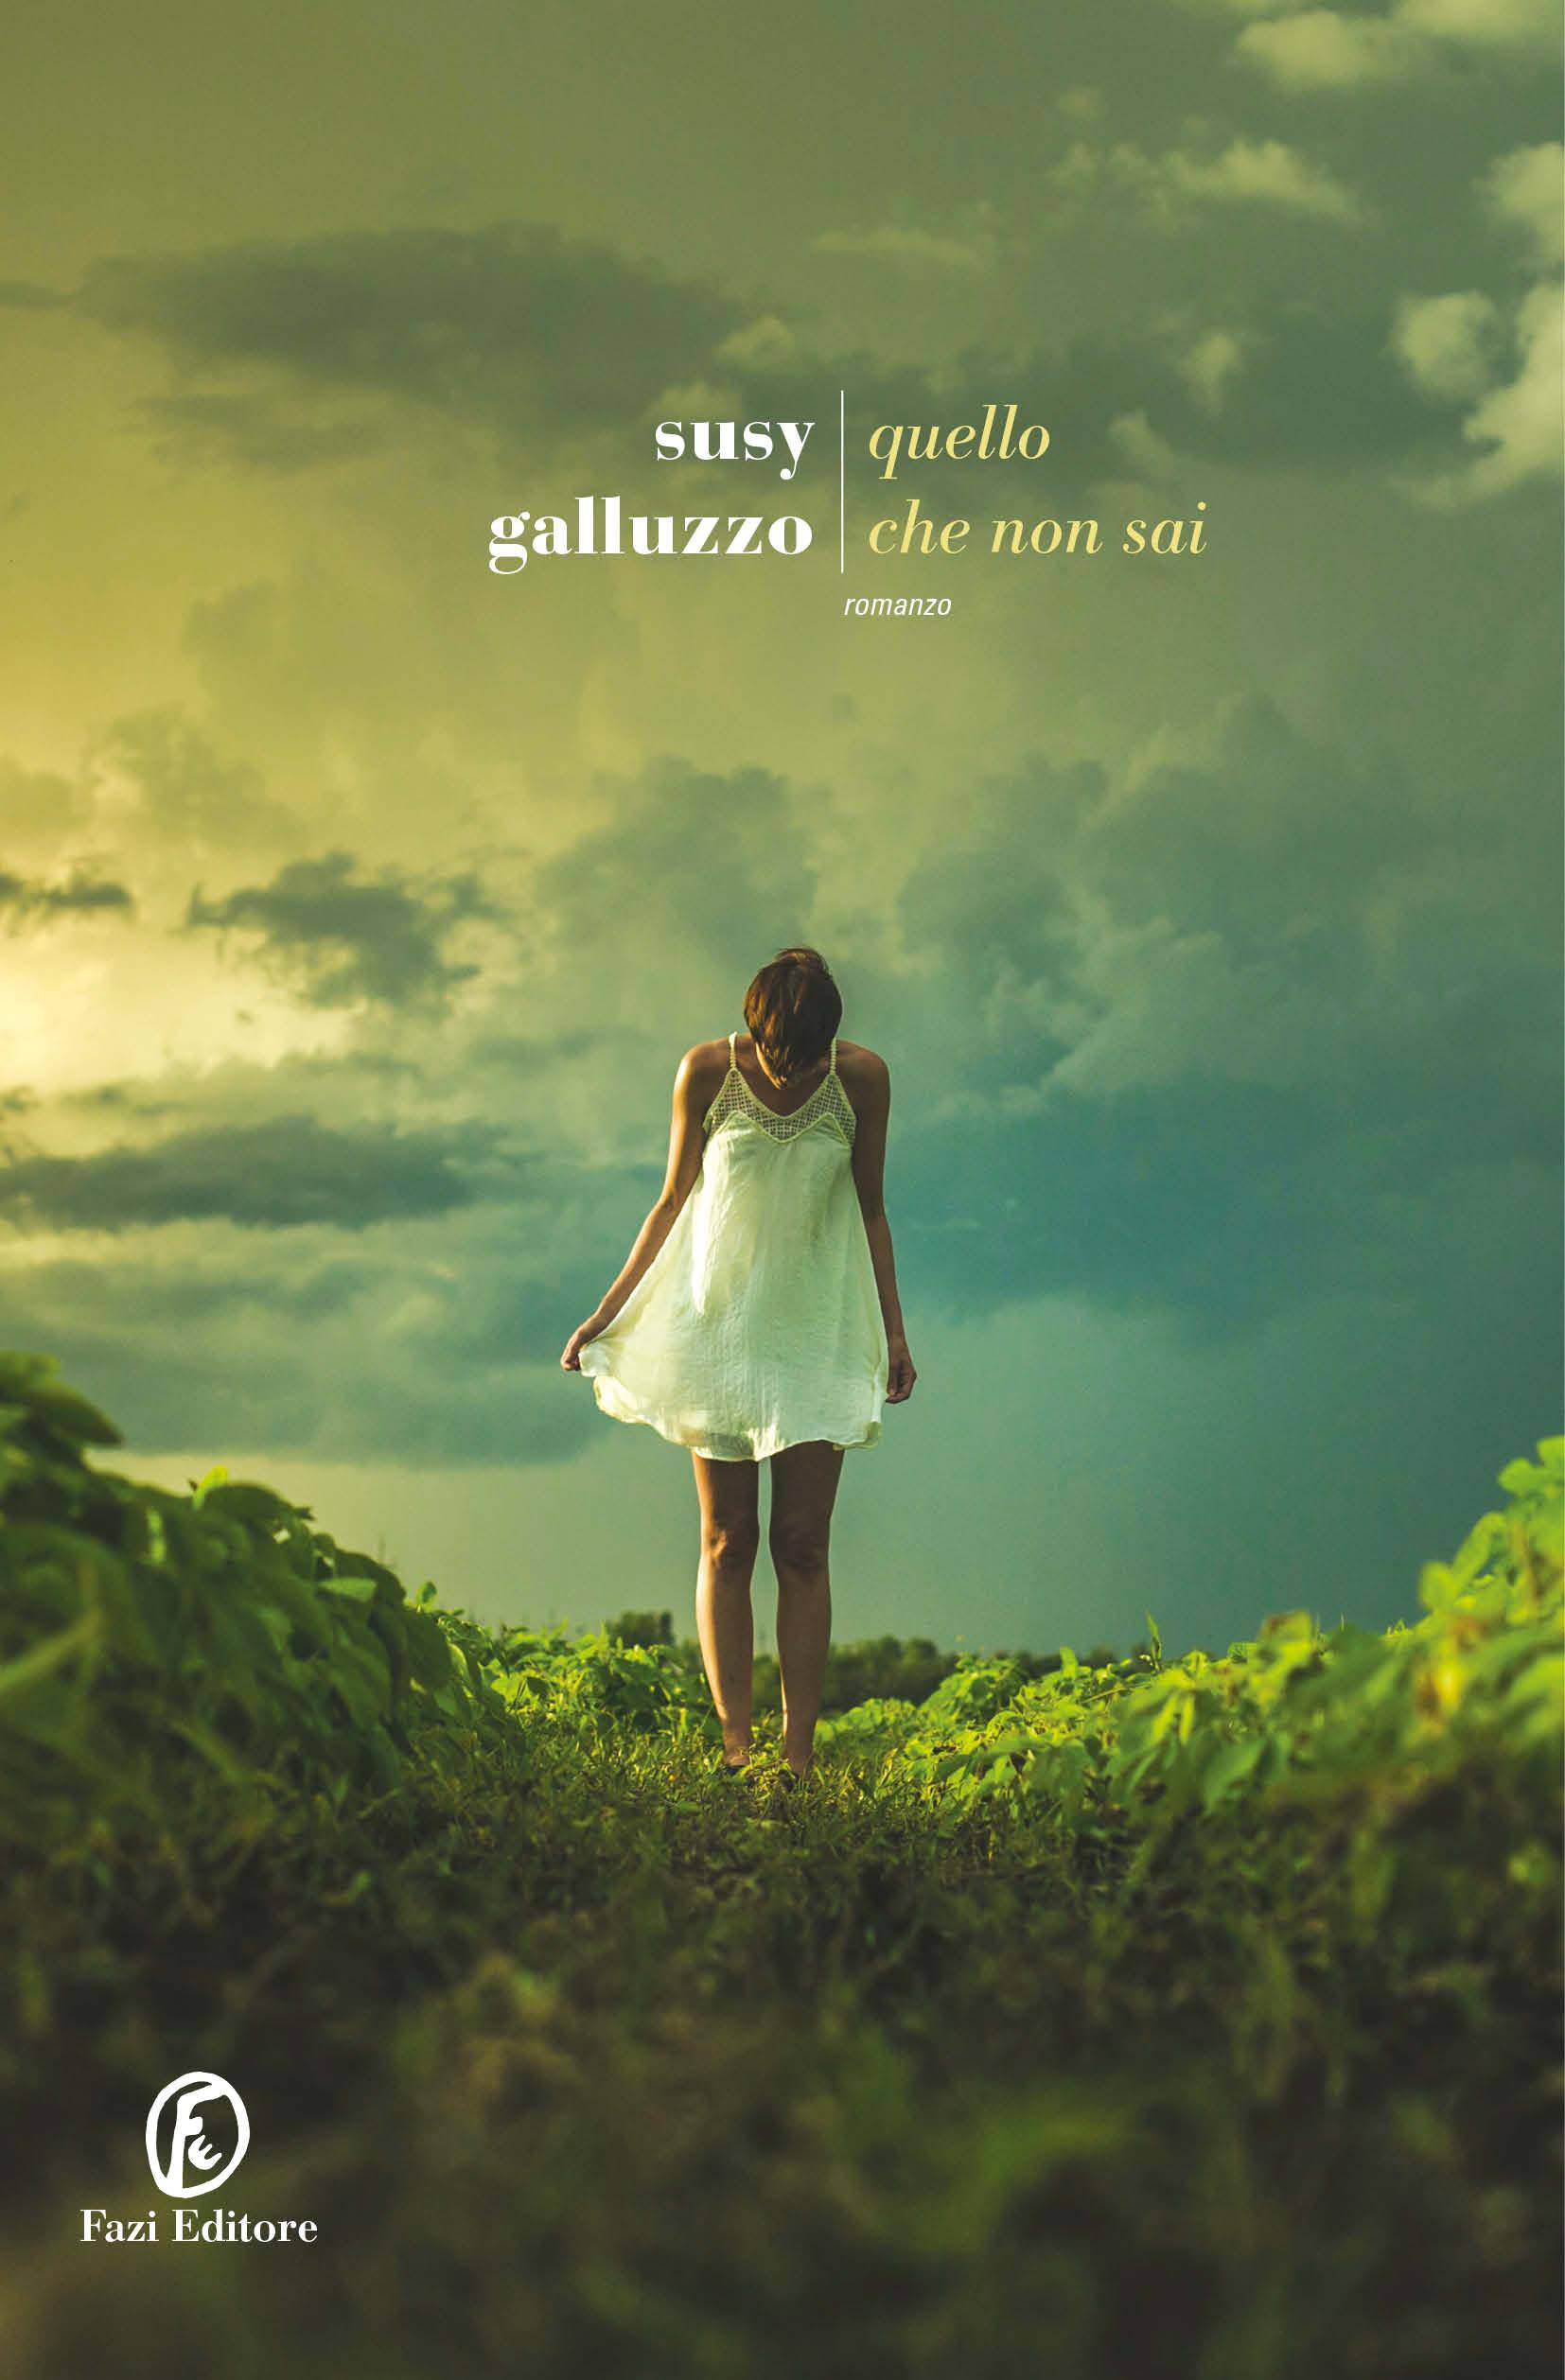 Quello che non sai | Susy Galluzzo | Fazi Editore